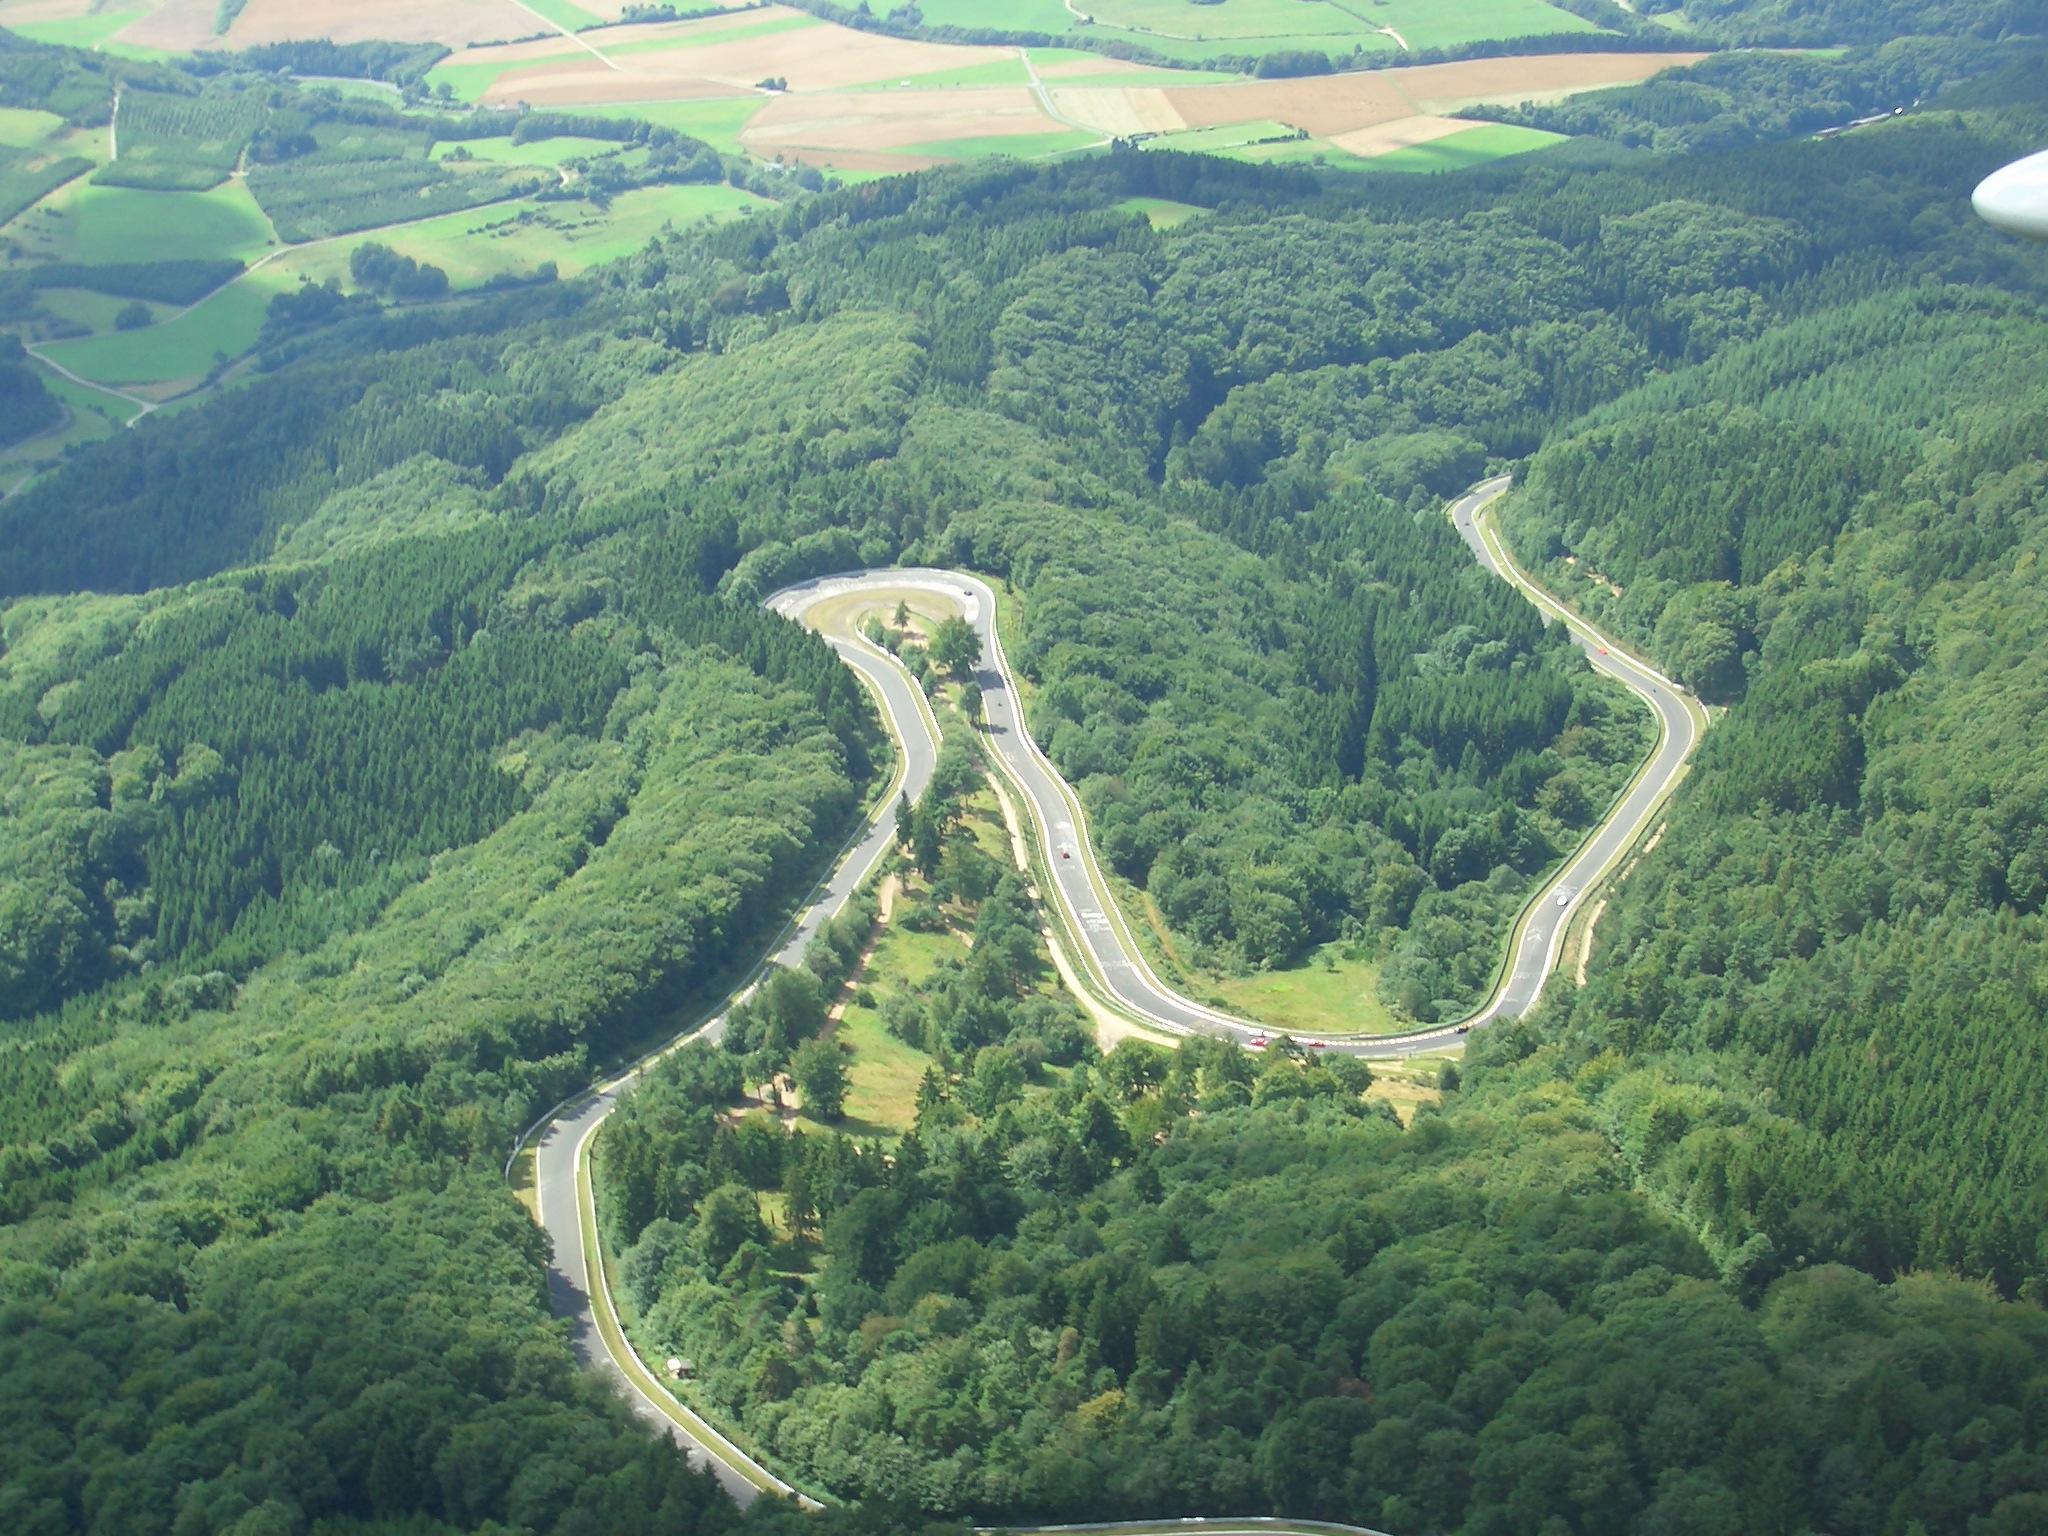 Nurburgring Karrussel Tracktimenurburg